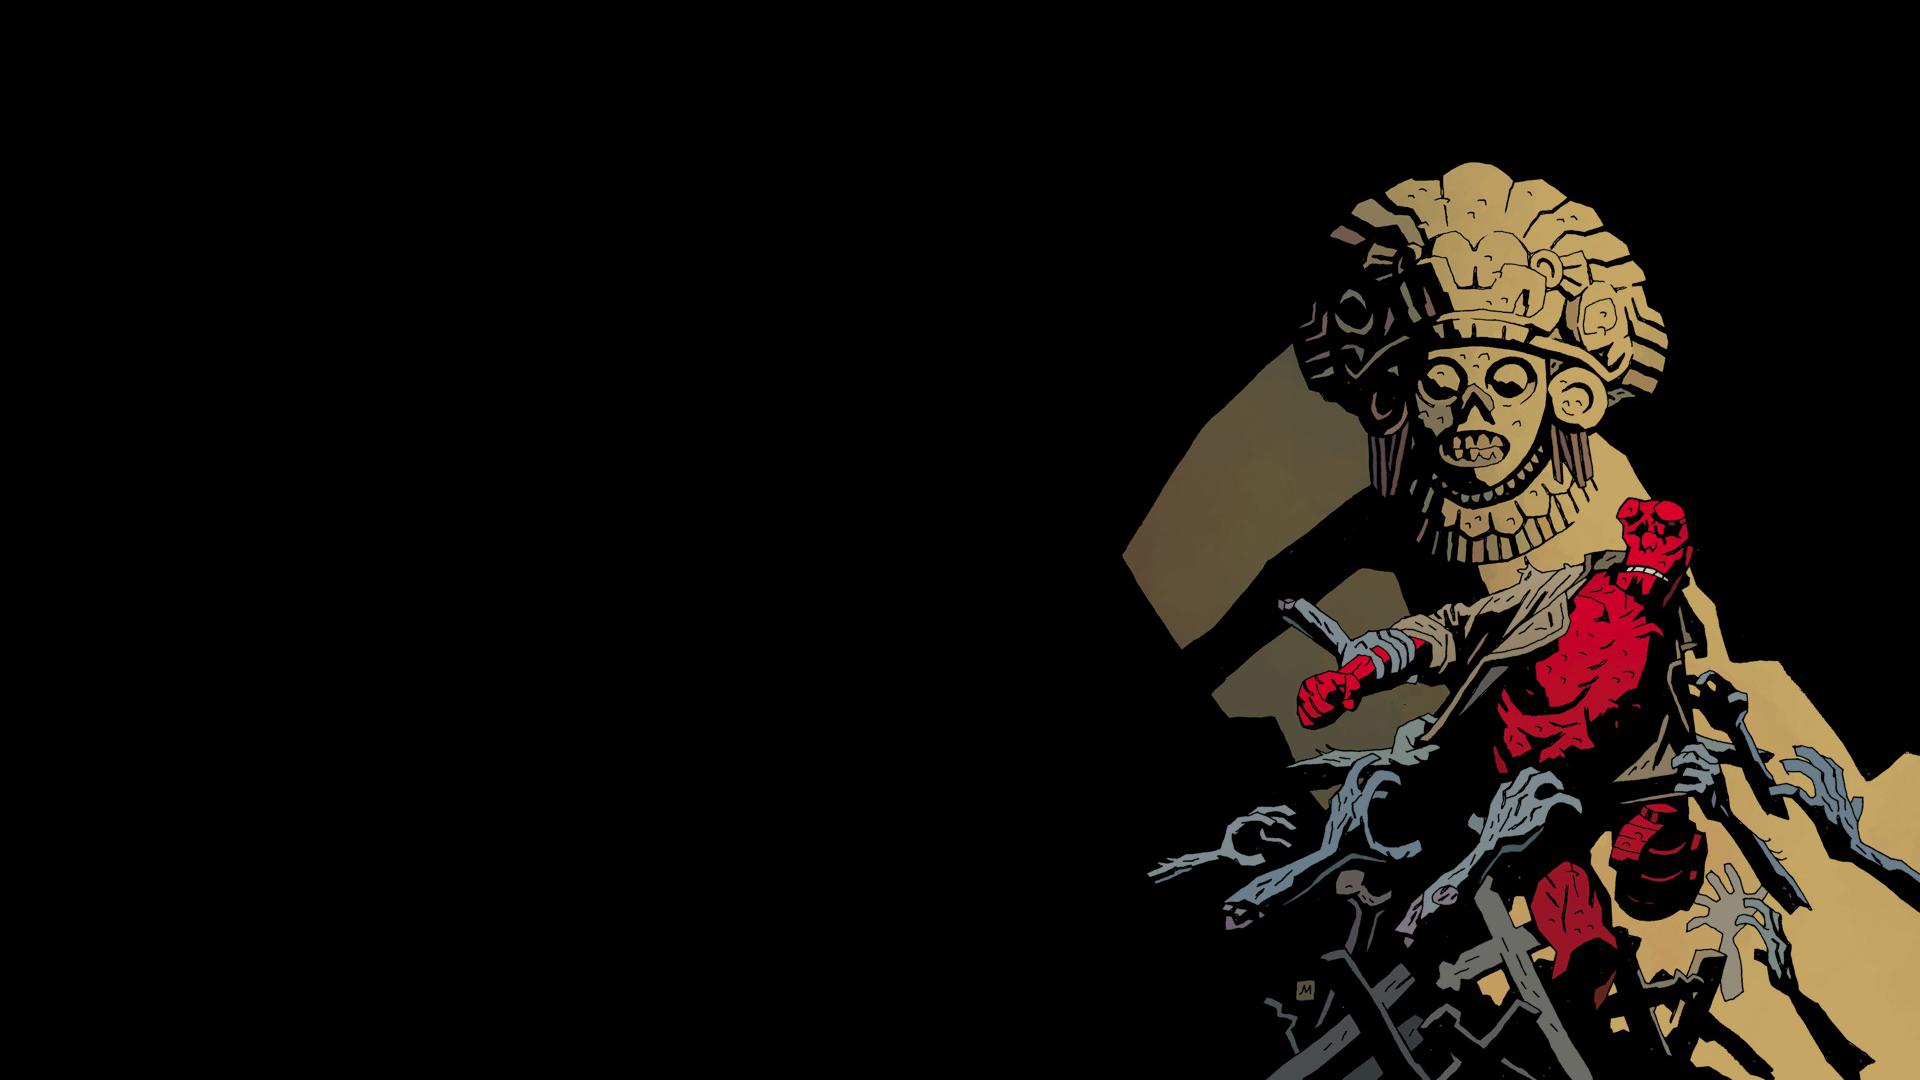 Comics   Hellboy Wallpaper 1920x1080